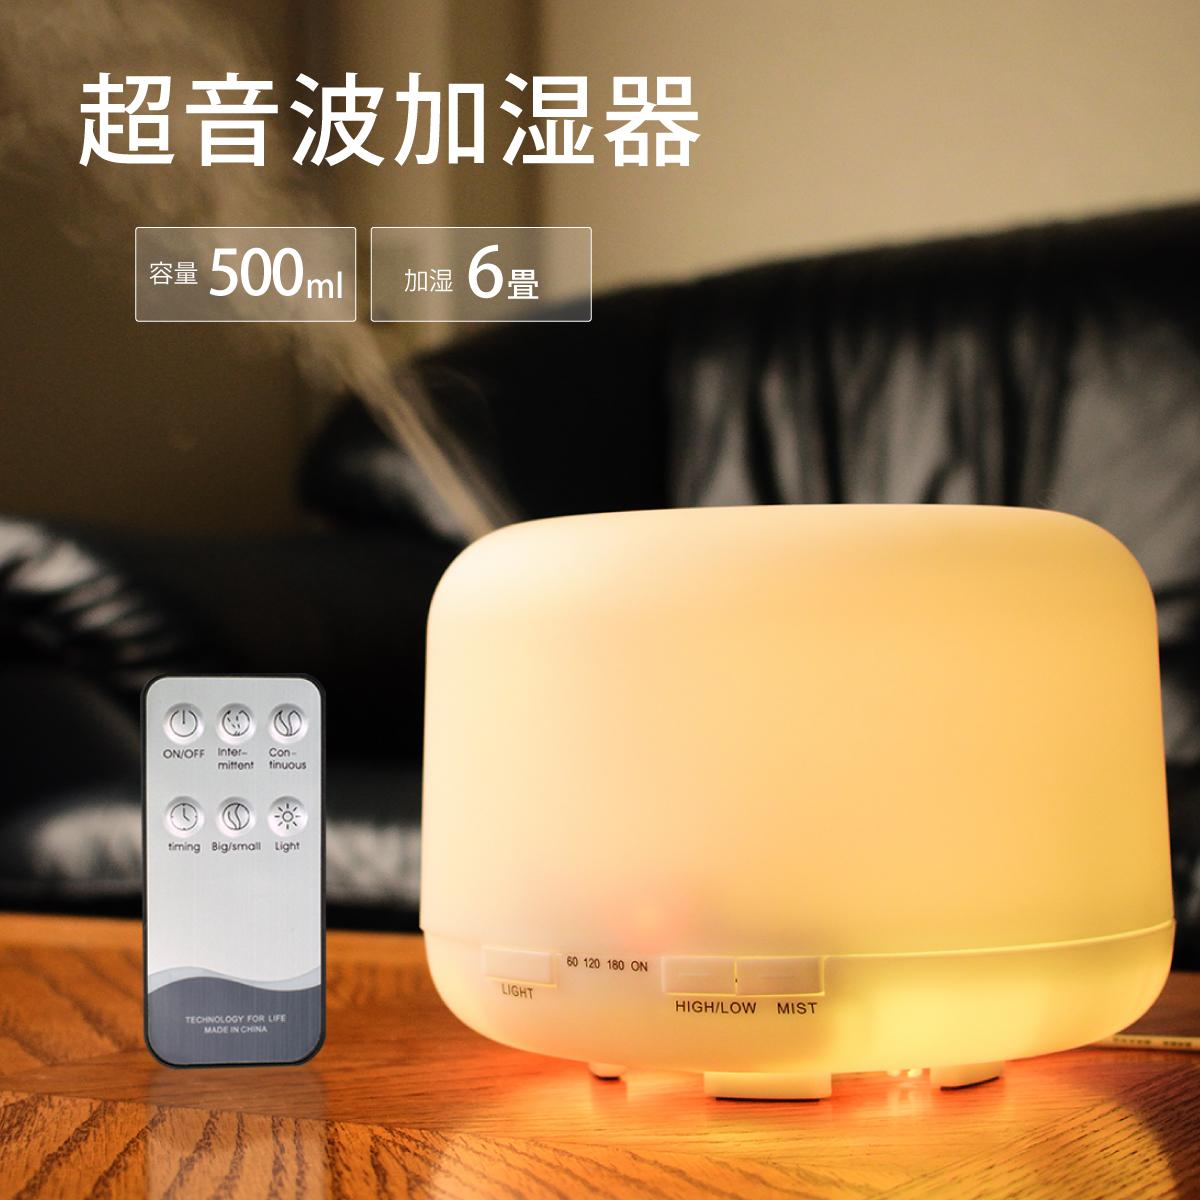 リモコン 軽量カップ付き 超音波式加湿機 省エネ アロマディフューザー 好評受付中 乾燥 静電気防止 静音 売れ筋 超音波 タイマー 空焚き防止 メーカー公式 大容量 卓上 リモコン付き おしゃれ 加湿器 LEDライト7色 アロマ 500ml